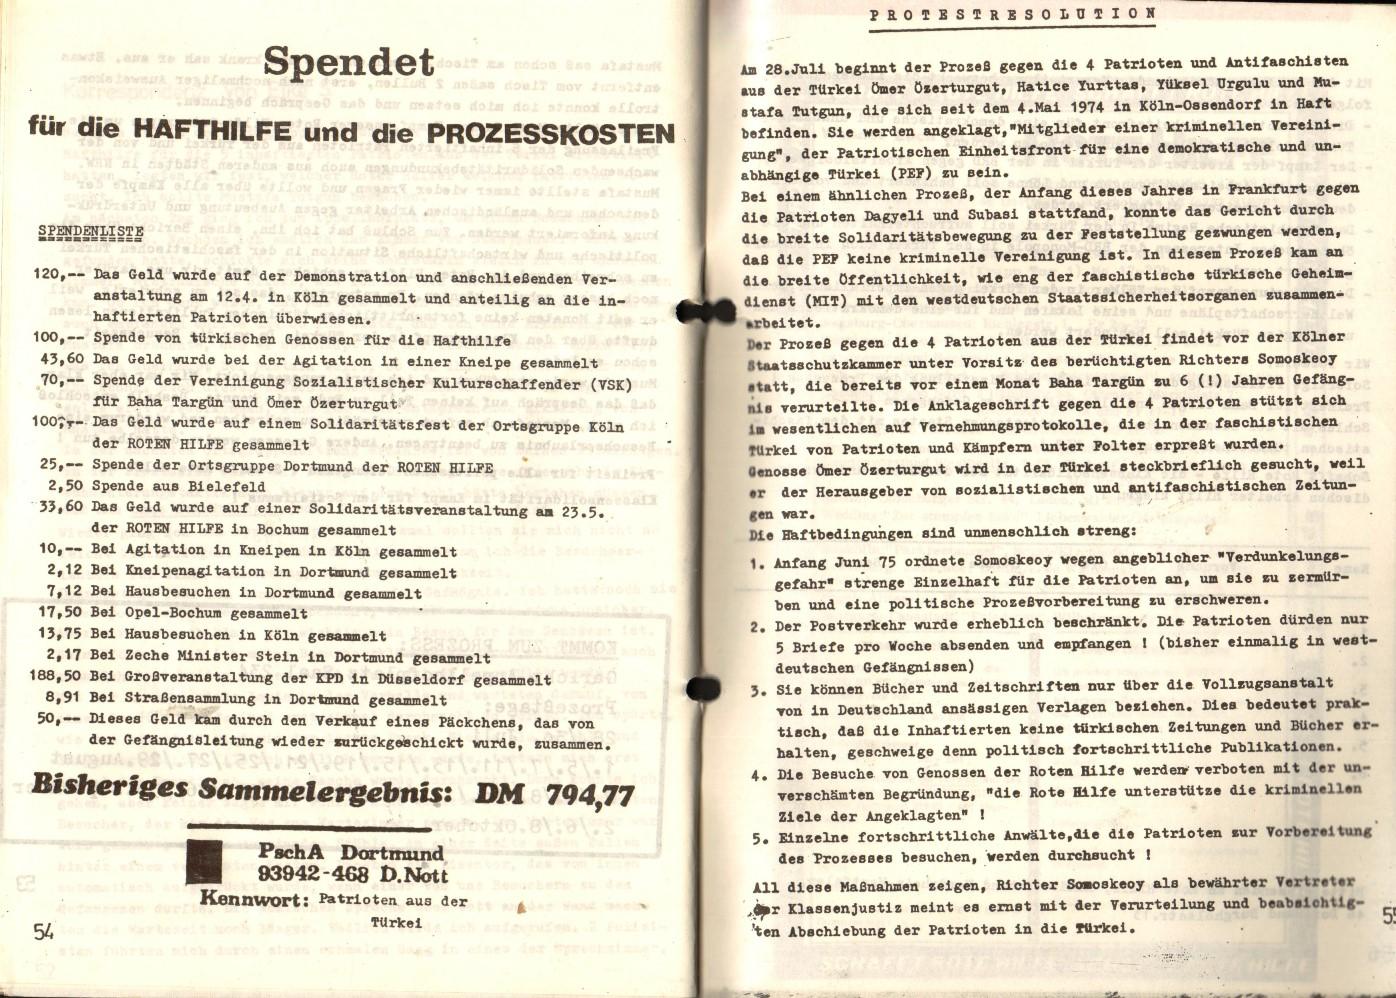 NRW_Rote_Hilfe_1975_Sofortige_Freilassung_der_tuerkischen_Patrioten_29